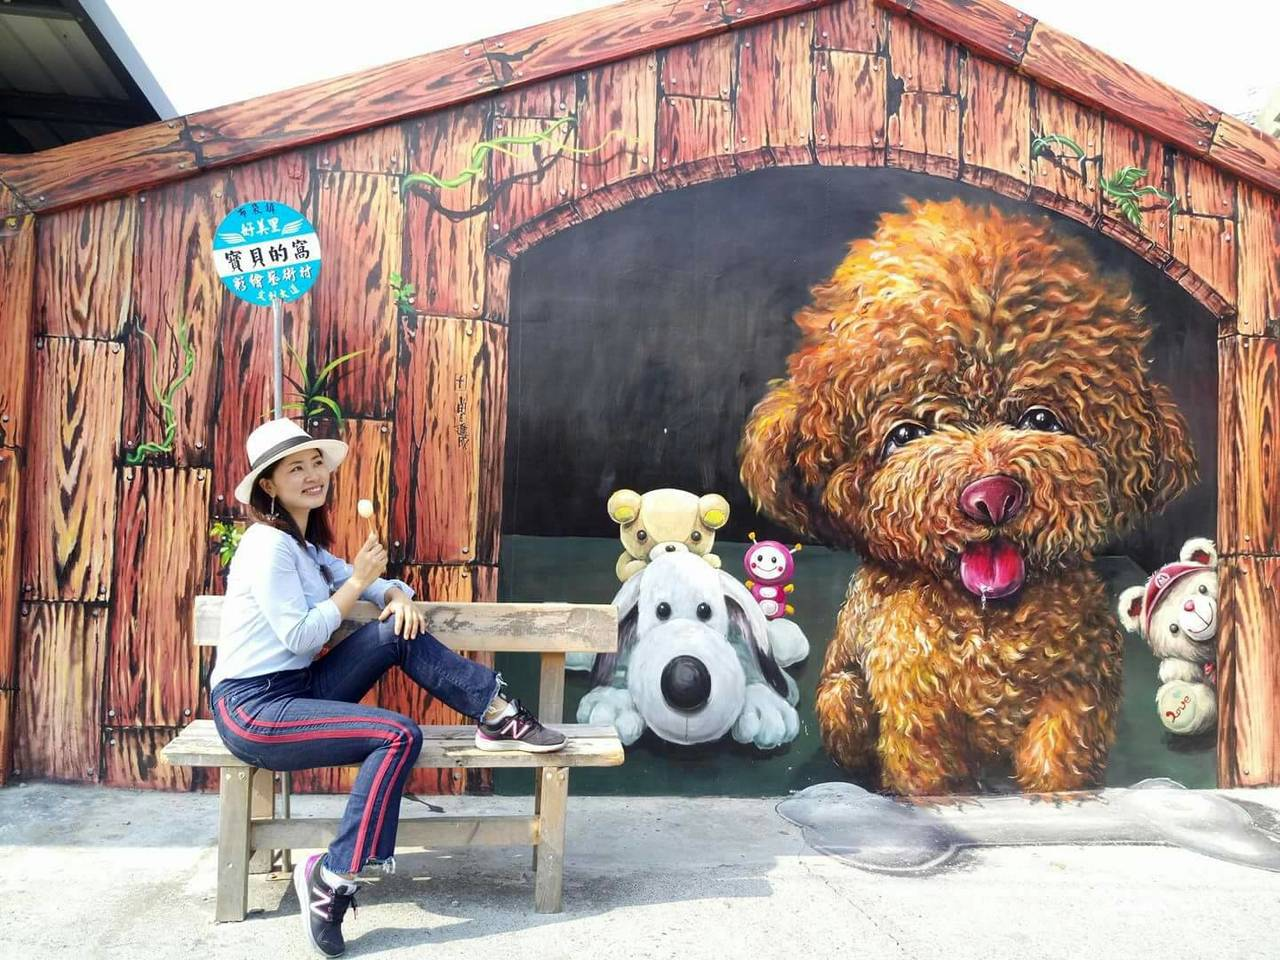 彩繪紅貴賓前原本放置公車站牌及橫椅,是許多遊客指定拍照畫面。圖片/曾進成提供